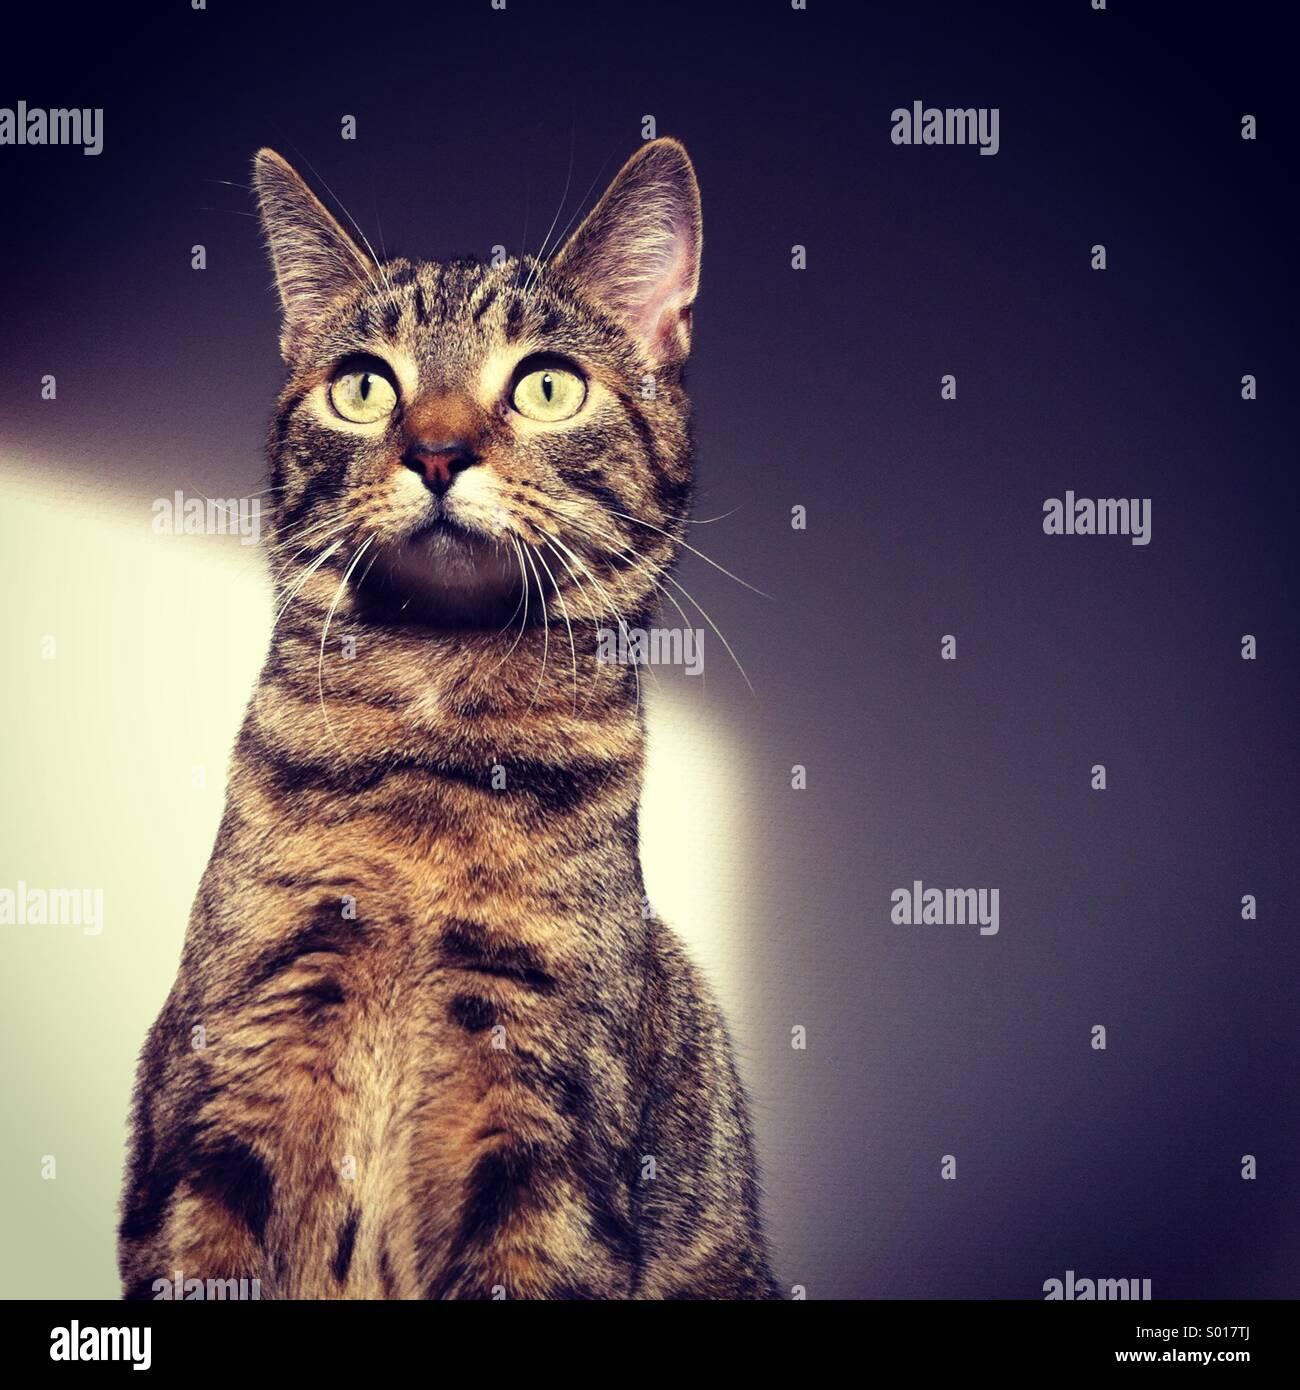 Junge, inländische Tabby Katze Haustier sitzen neben weißen Wand mit Licht und Schatten. Stockbild